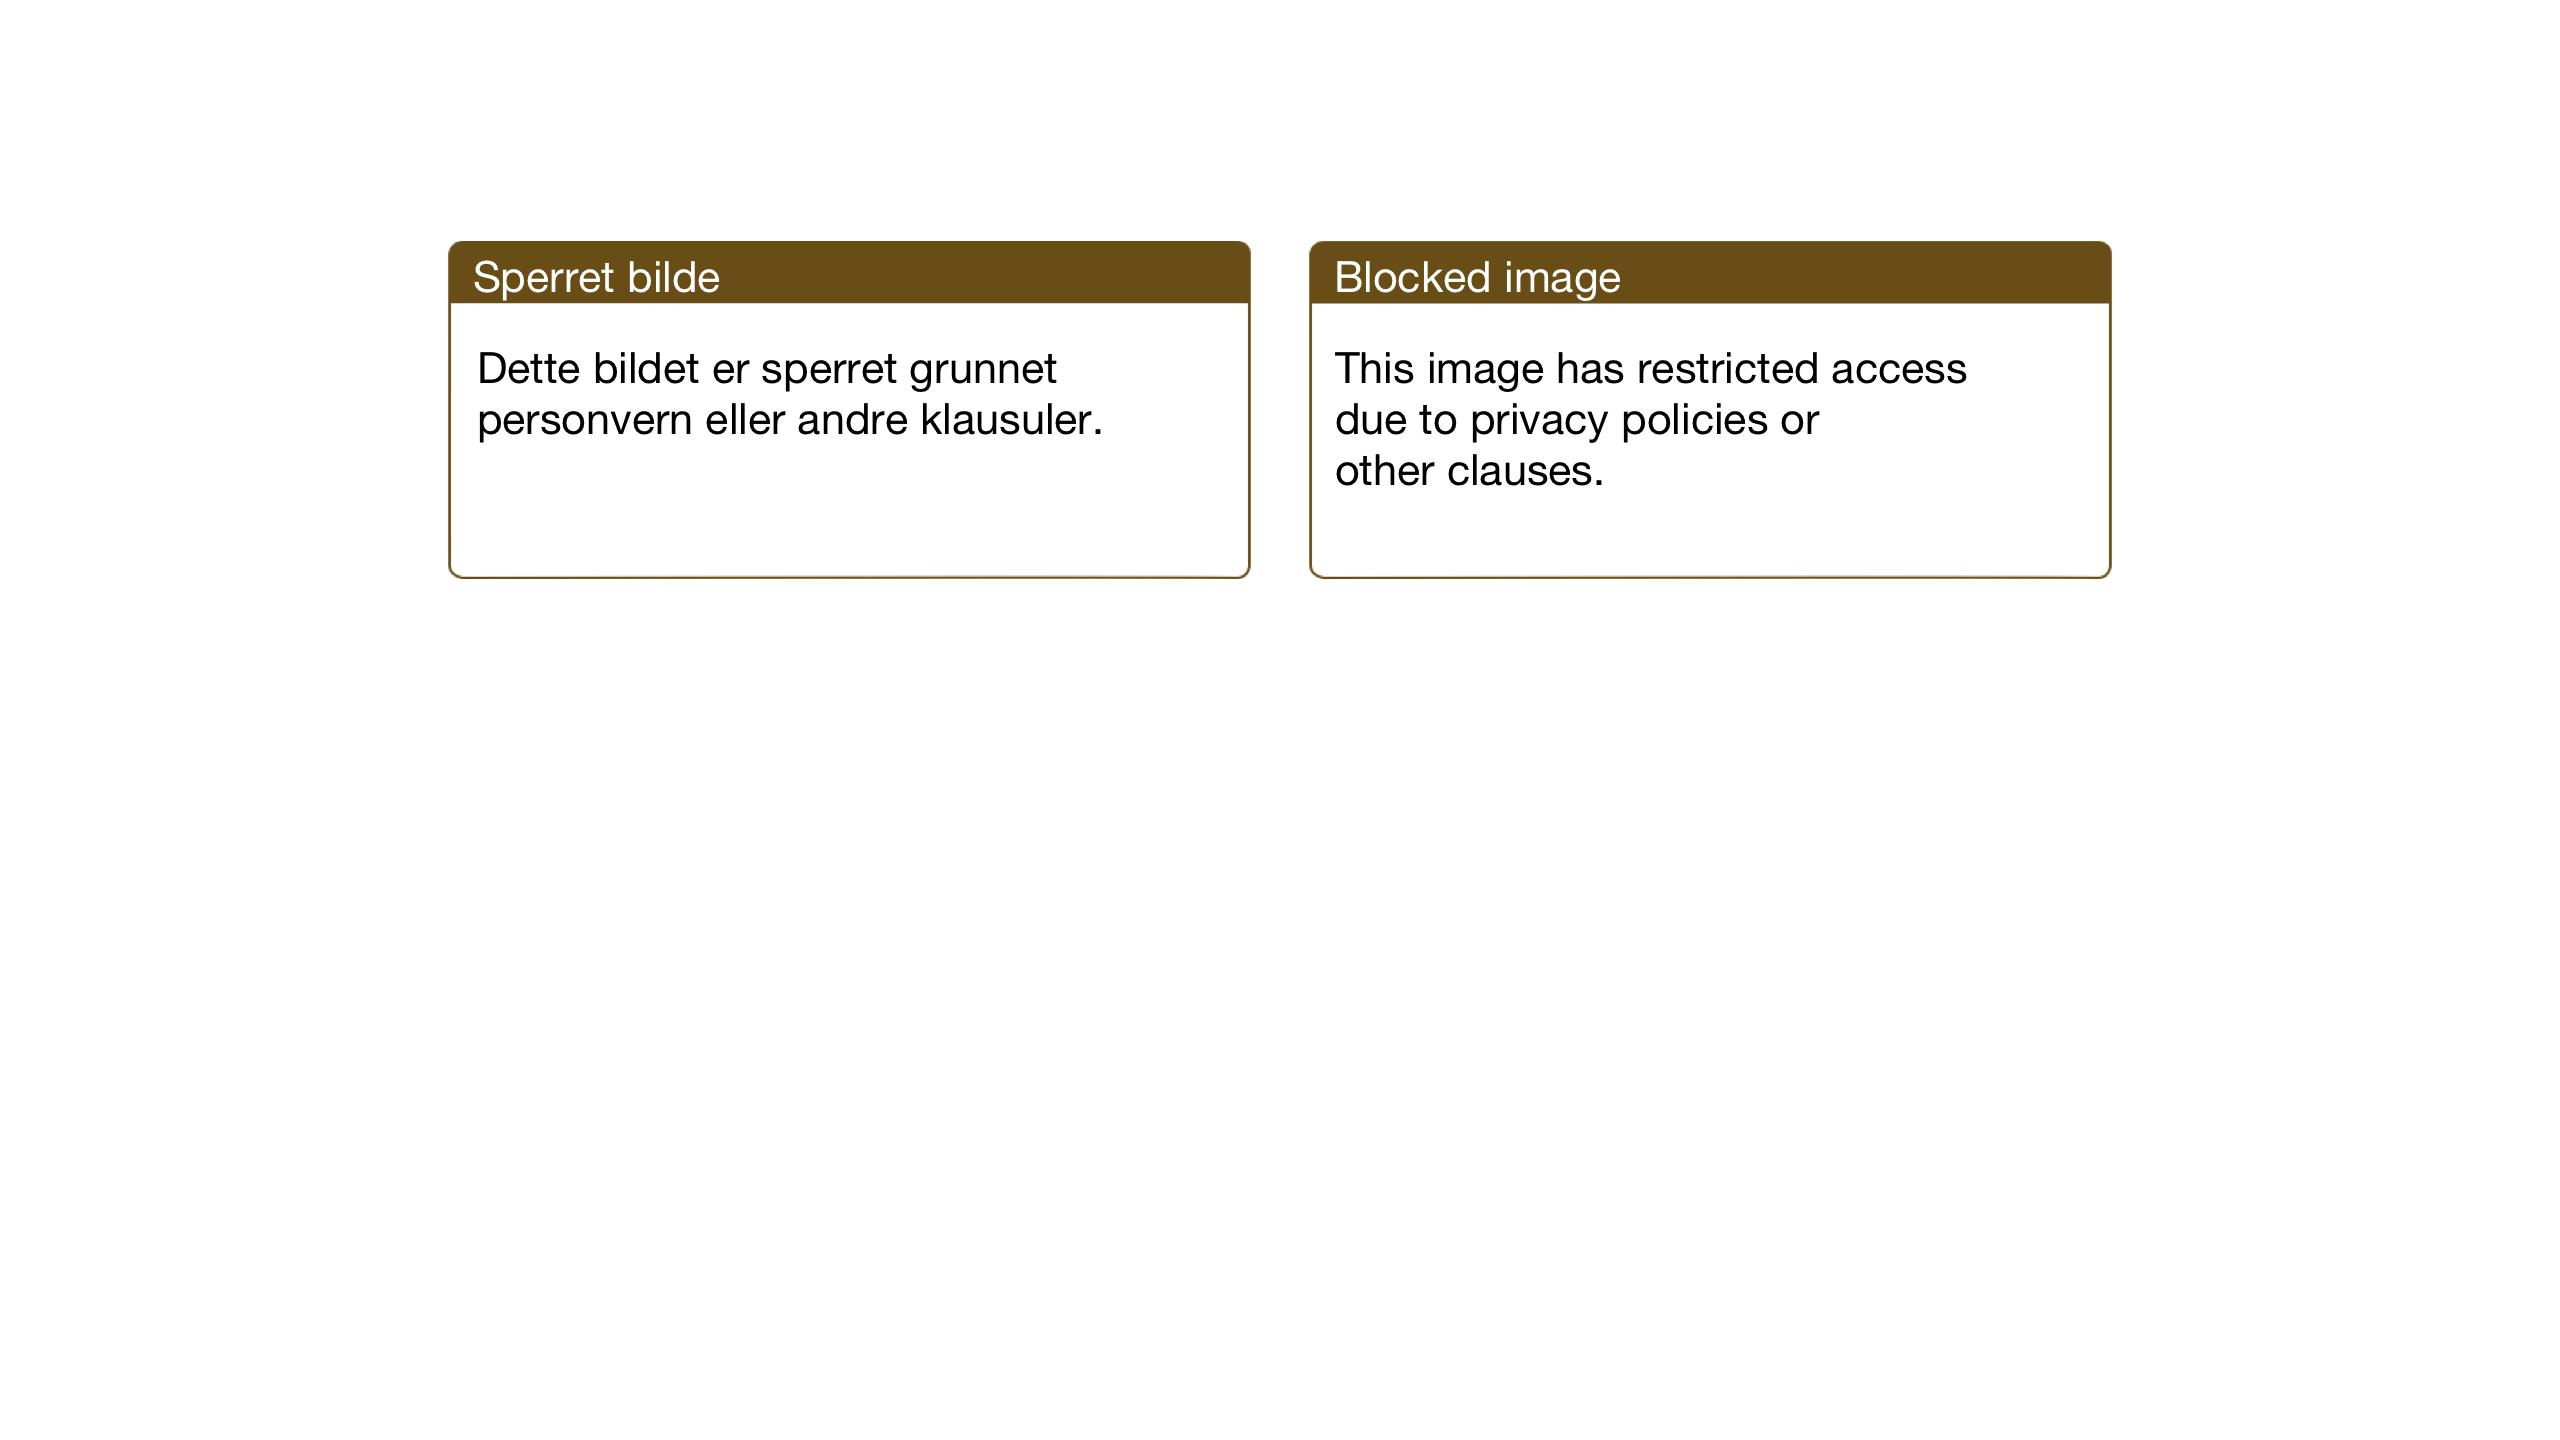 SAT, Ministerialprotokoller, klokkerbøker og fødselsregistre - Sør-Trøndelag, 655/L0689: Klokkerbok nr. 655C05, 1922-1936, s. 51